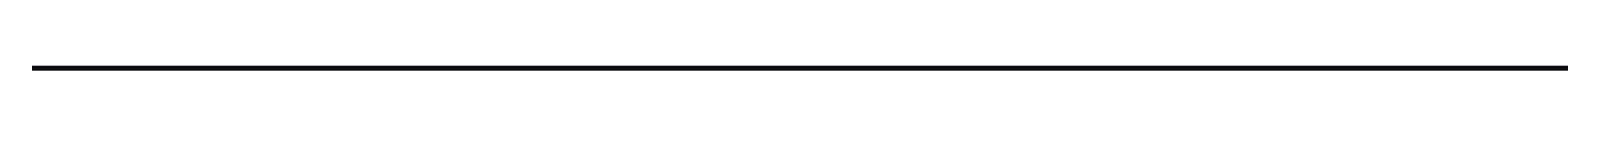 Textshop+06+line.jpg